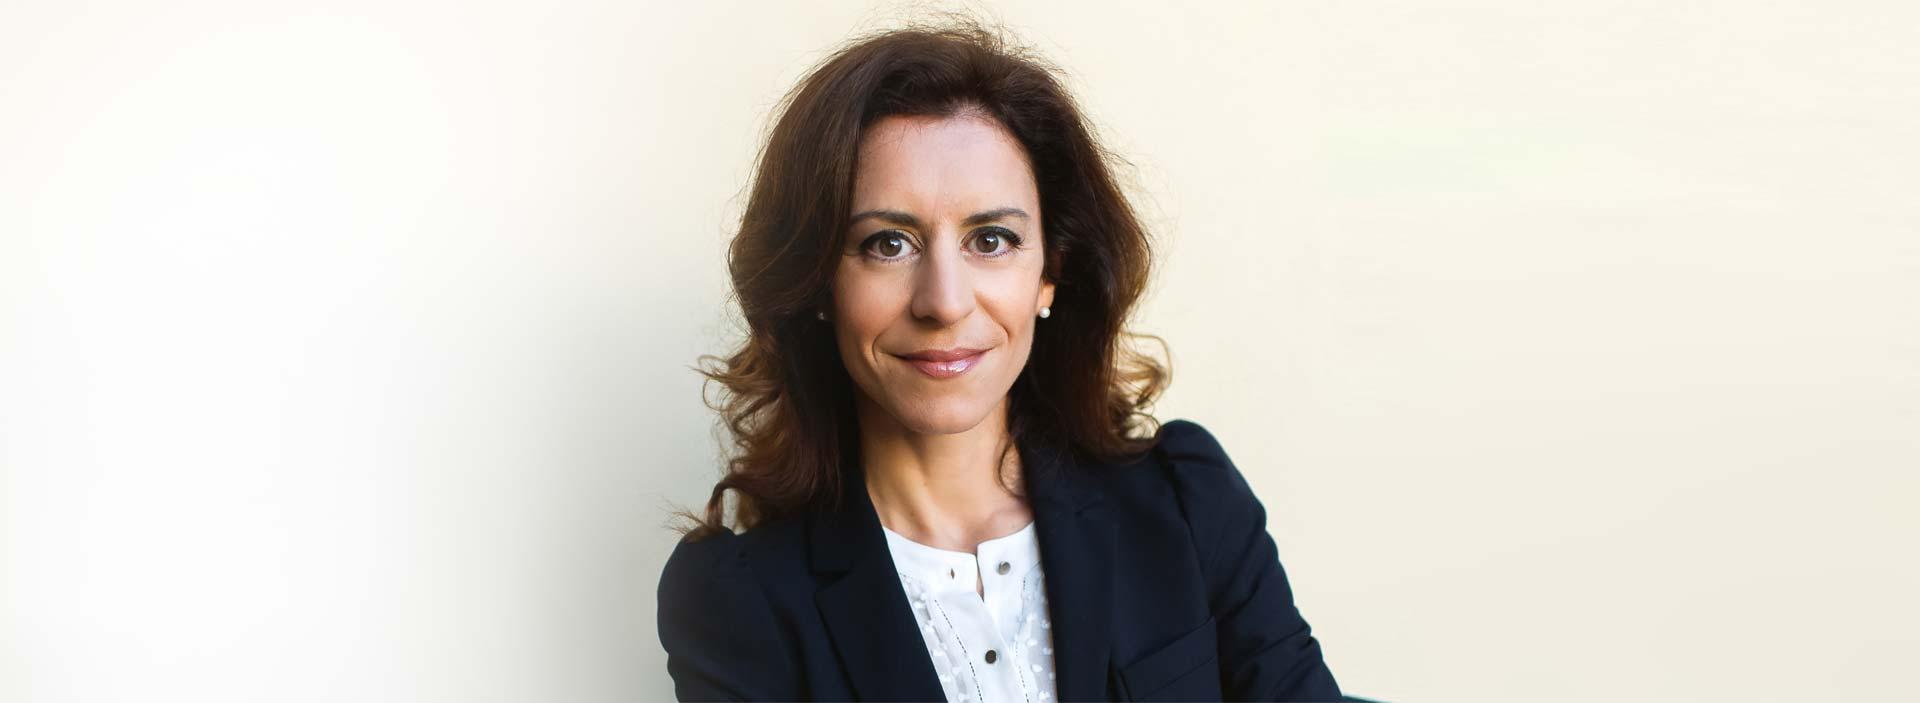 Paula Salamanca, abogada en Marbella y Benahavís